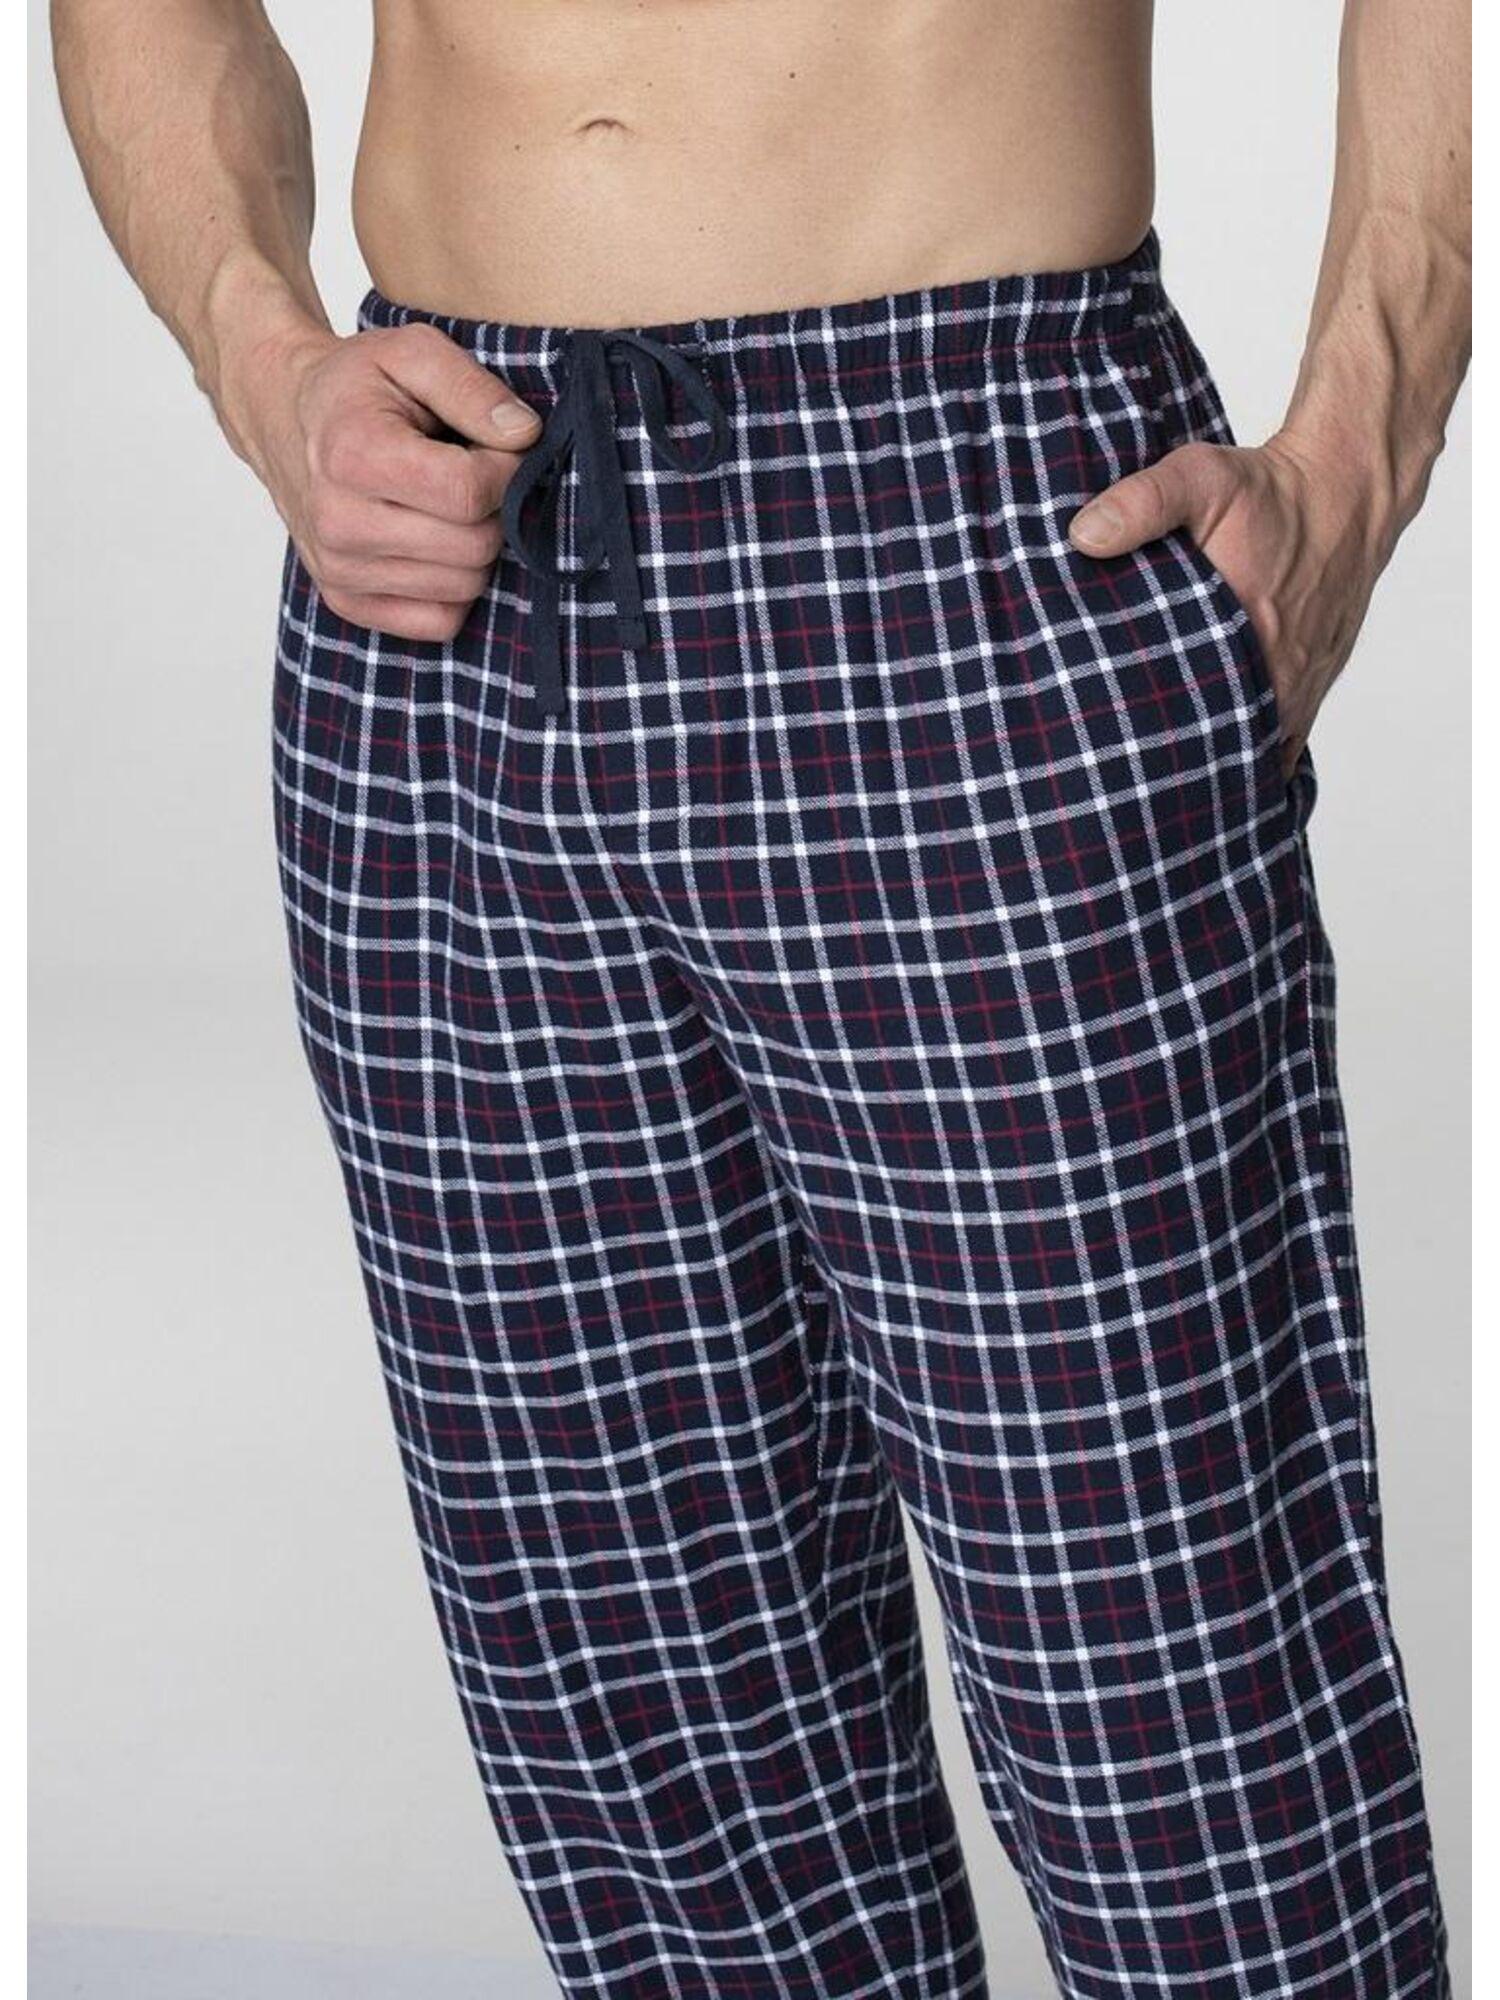 Мужская хлопковая пижама с брюками MNS 045 19/20 синий, KEY